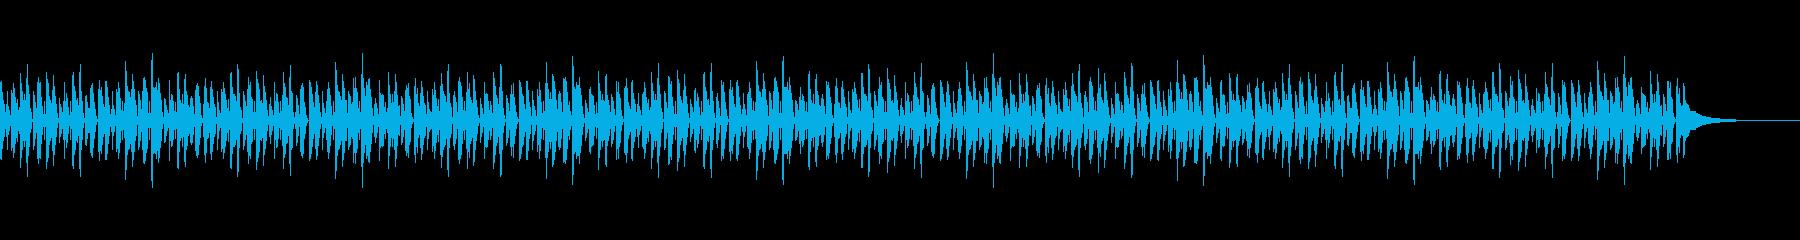 日常系BGMfの再生済みの波形